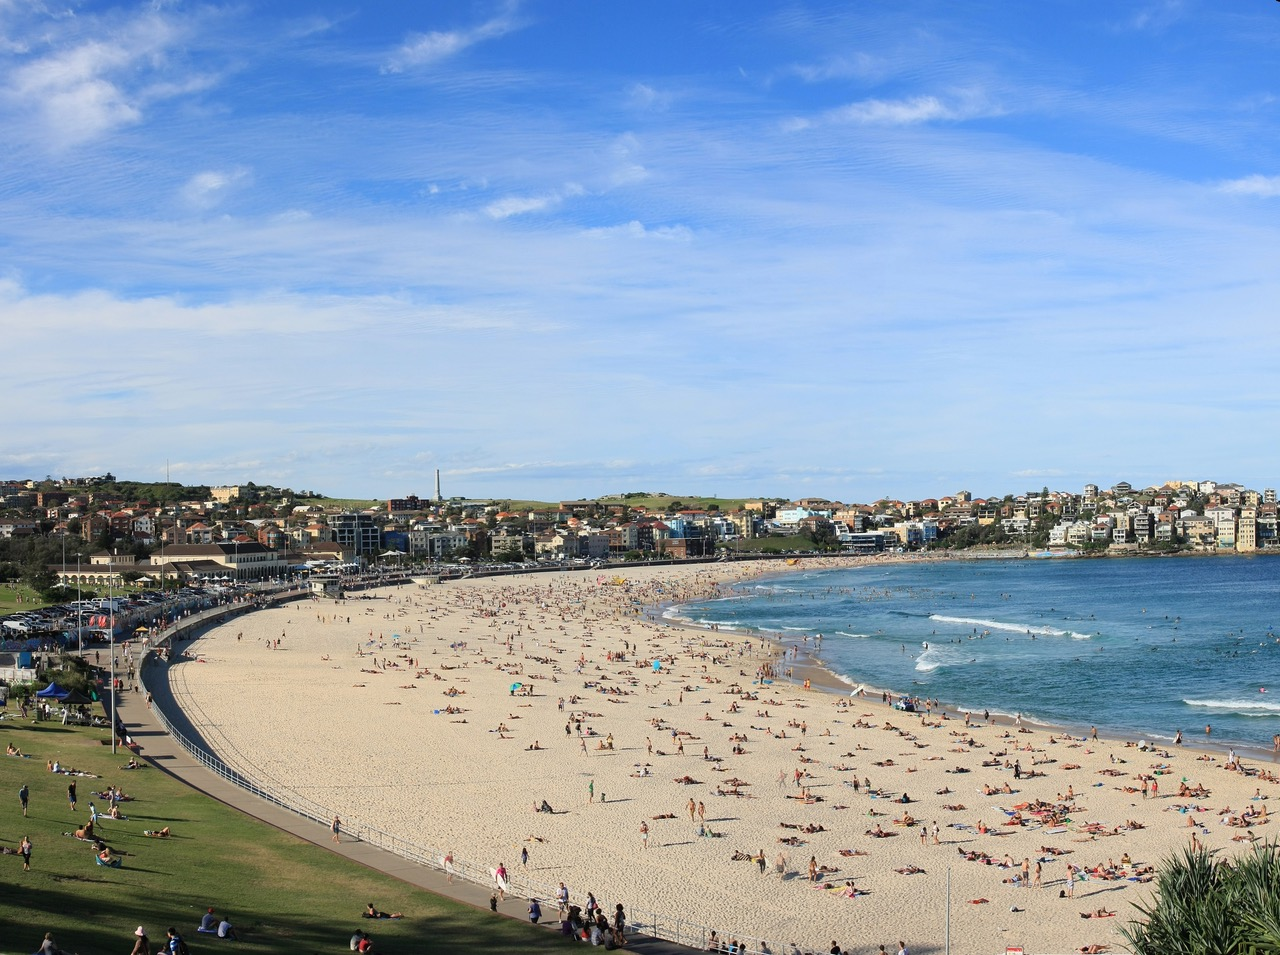 Bondi Beach er trolig Sydneys og Australias mest berømte strand. Foto: Mark Raskino